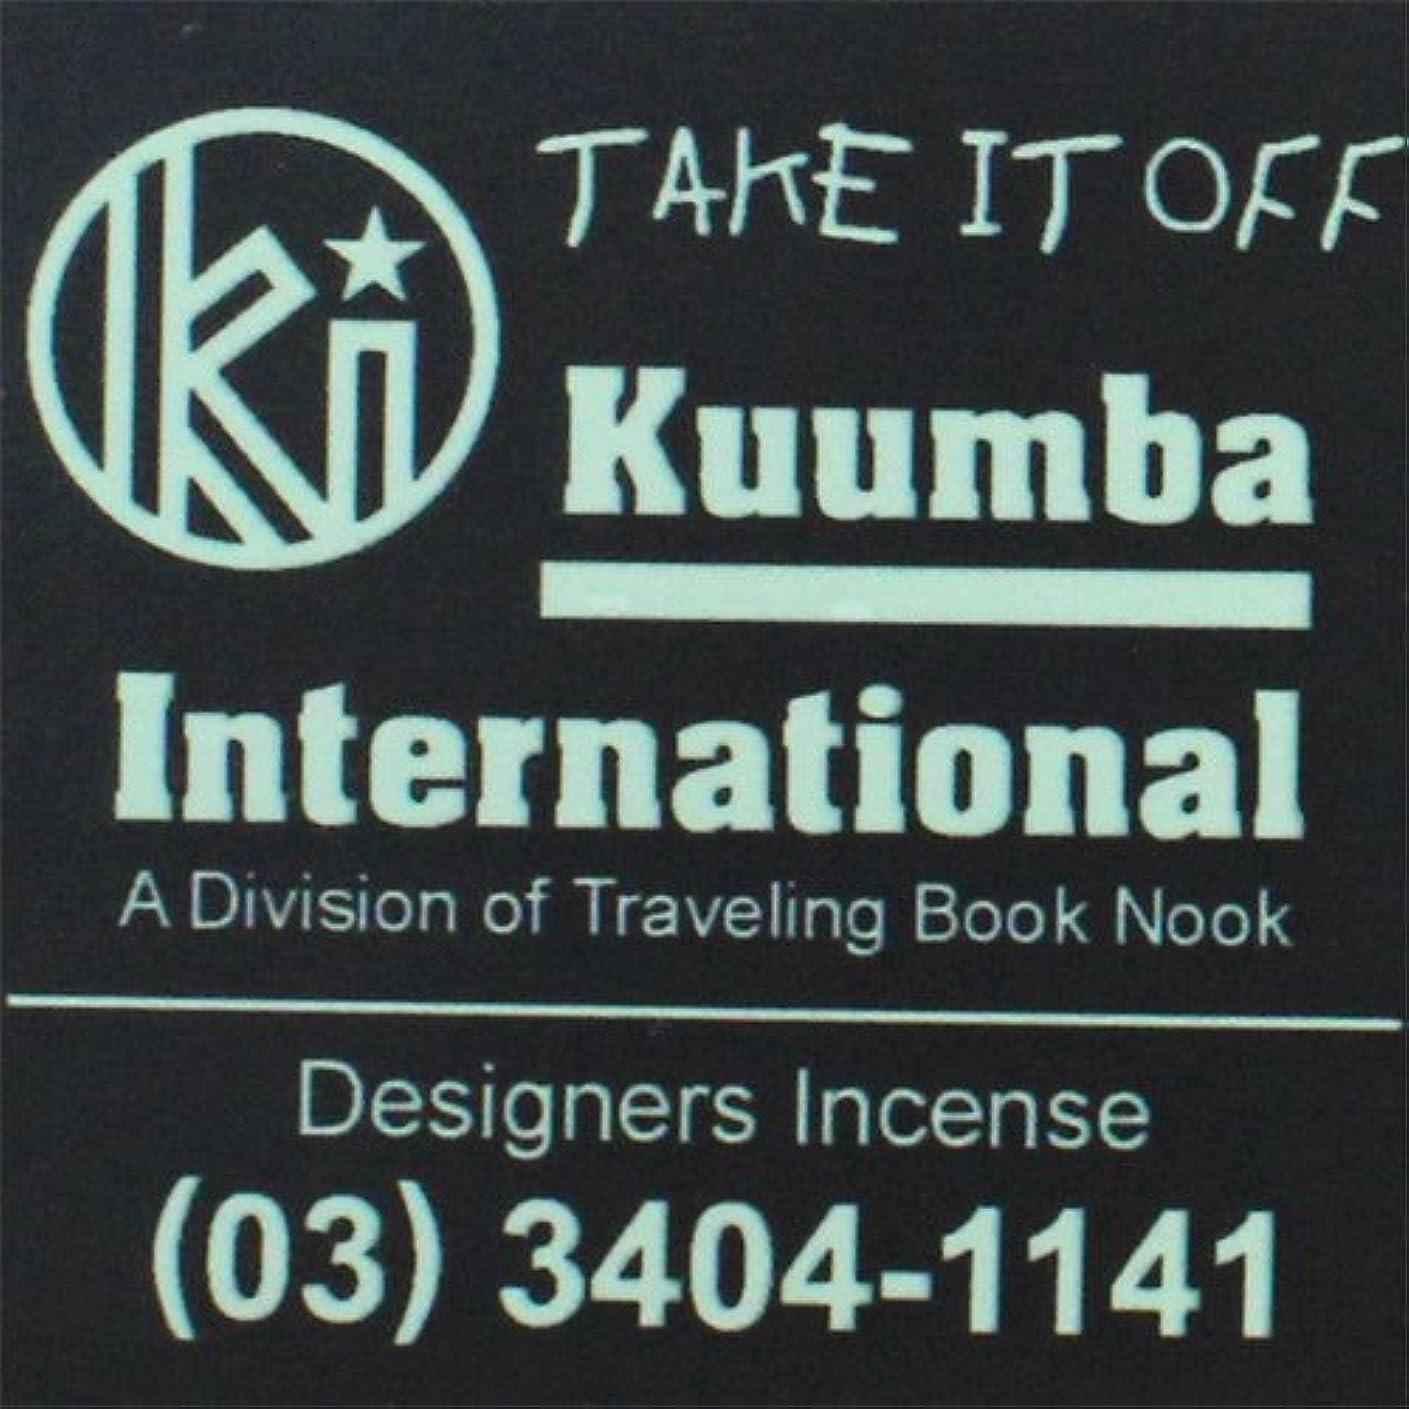 み里親構造的KUUMBA / クンバ『incense』(TAKE IT OFF) (Regular size)